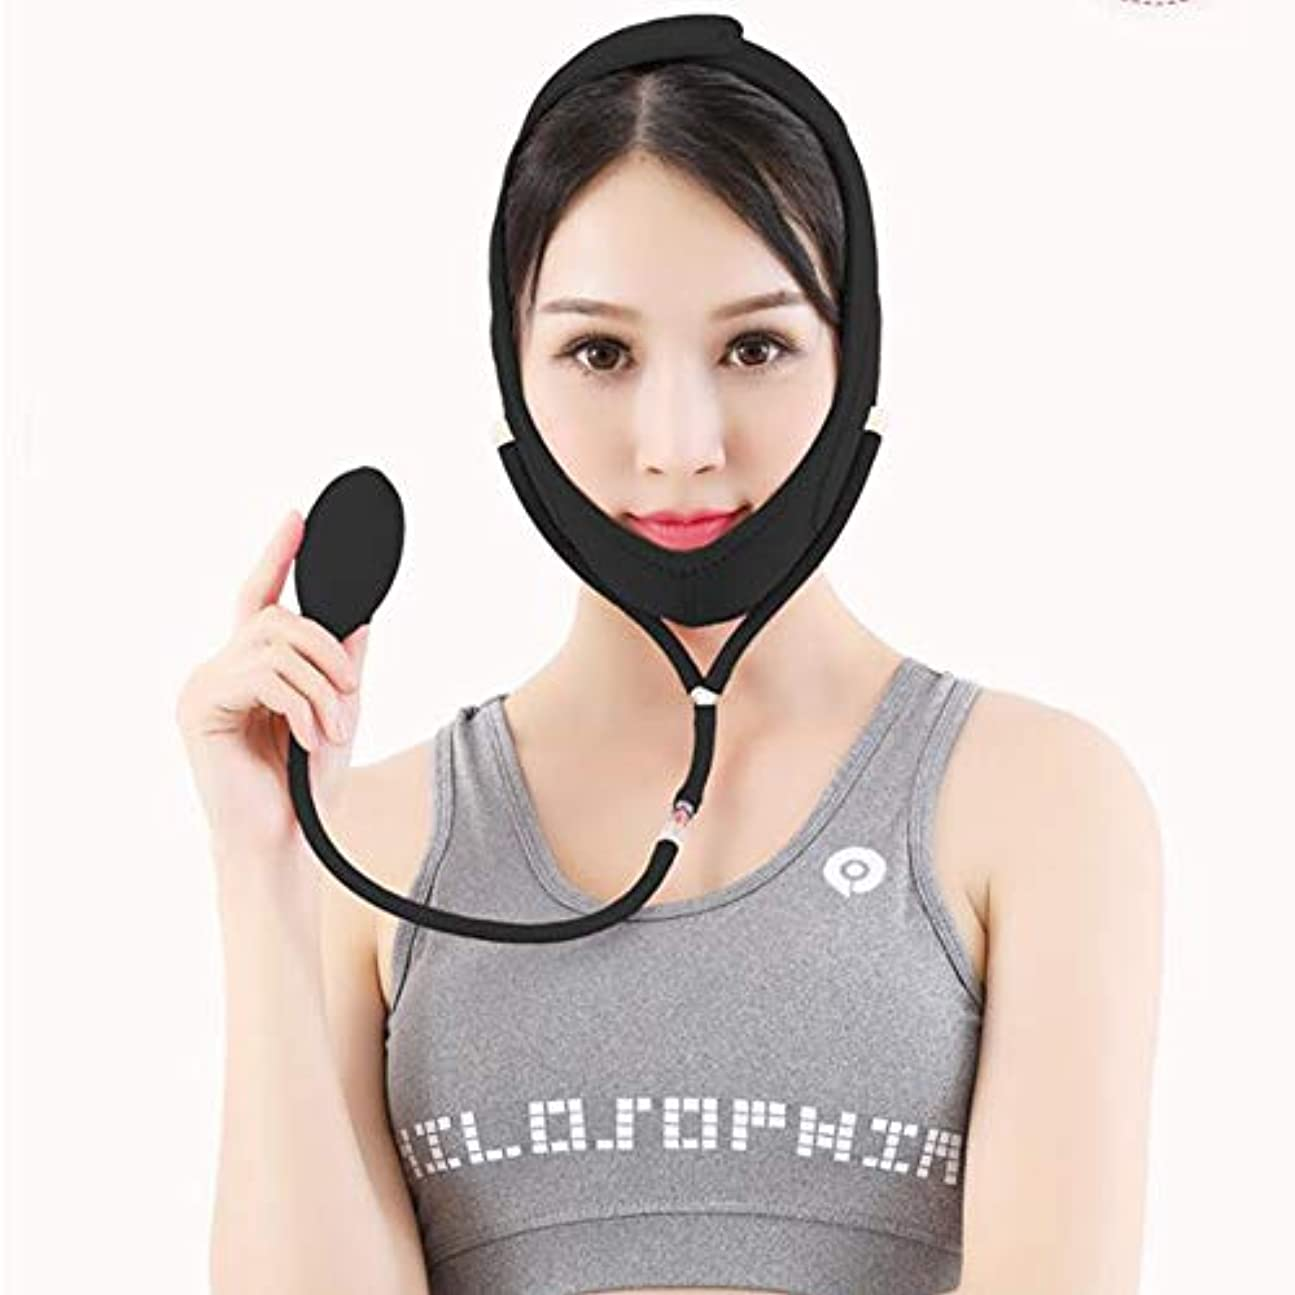 巻き戻す近所の起きるBS フェイシャルリフティング痩身ベルトダブルエアバッグ圧力調整フェイス包帯マスク整形マスクが顔を引き締める フェイスリフティングアーティファクト (Color : Black, Size : M)